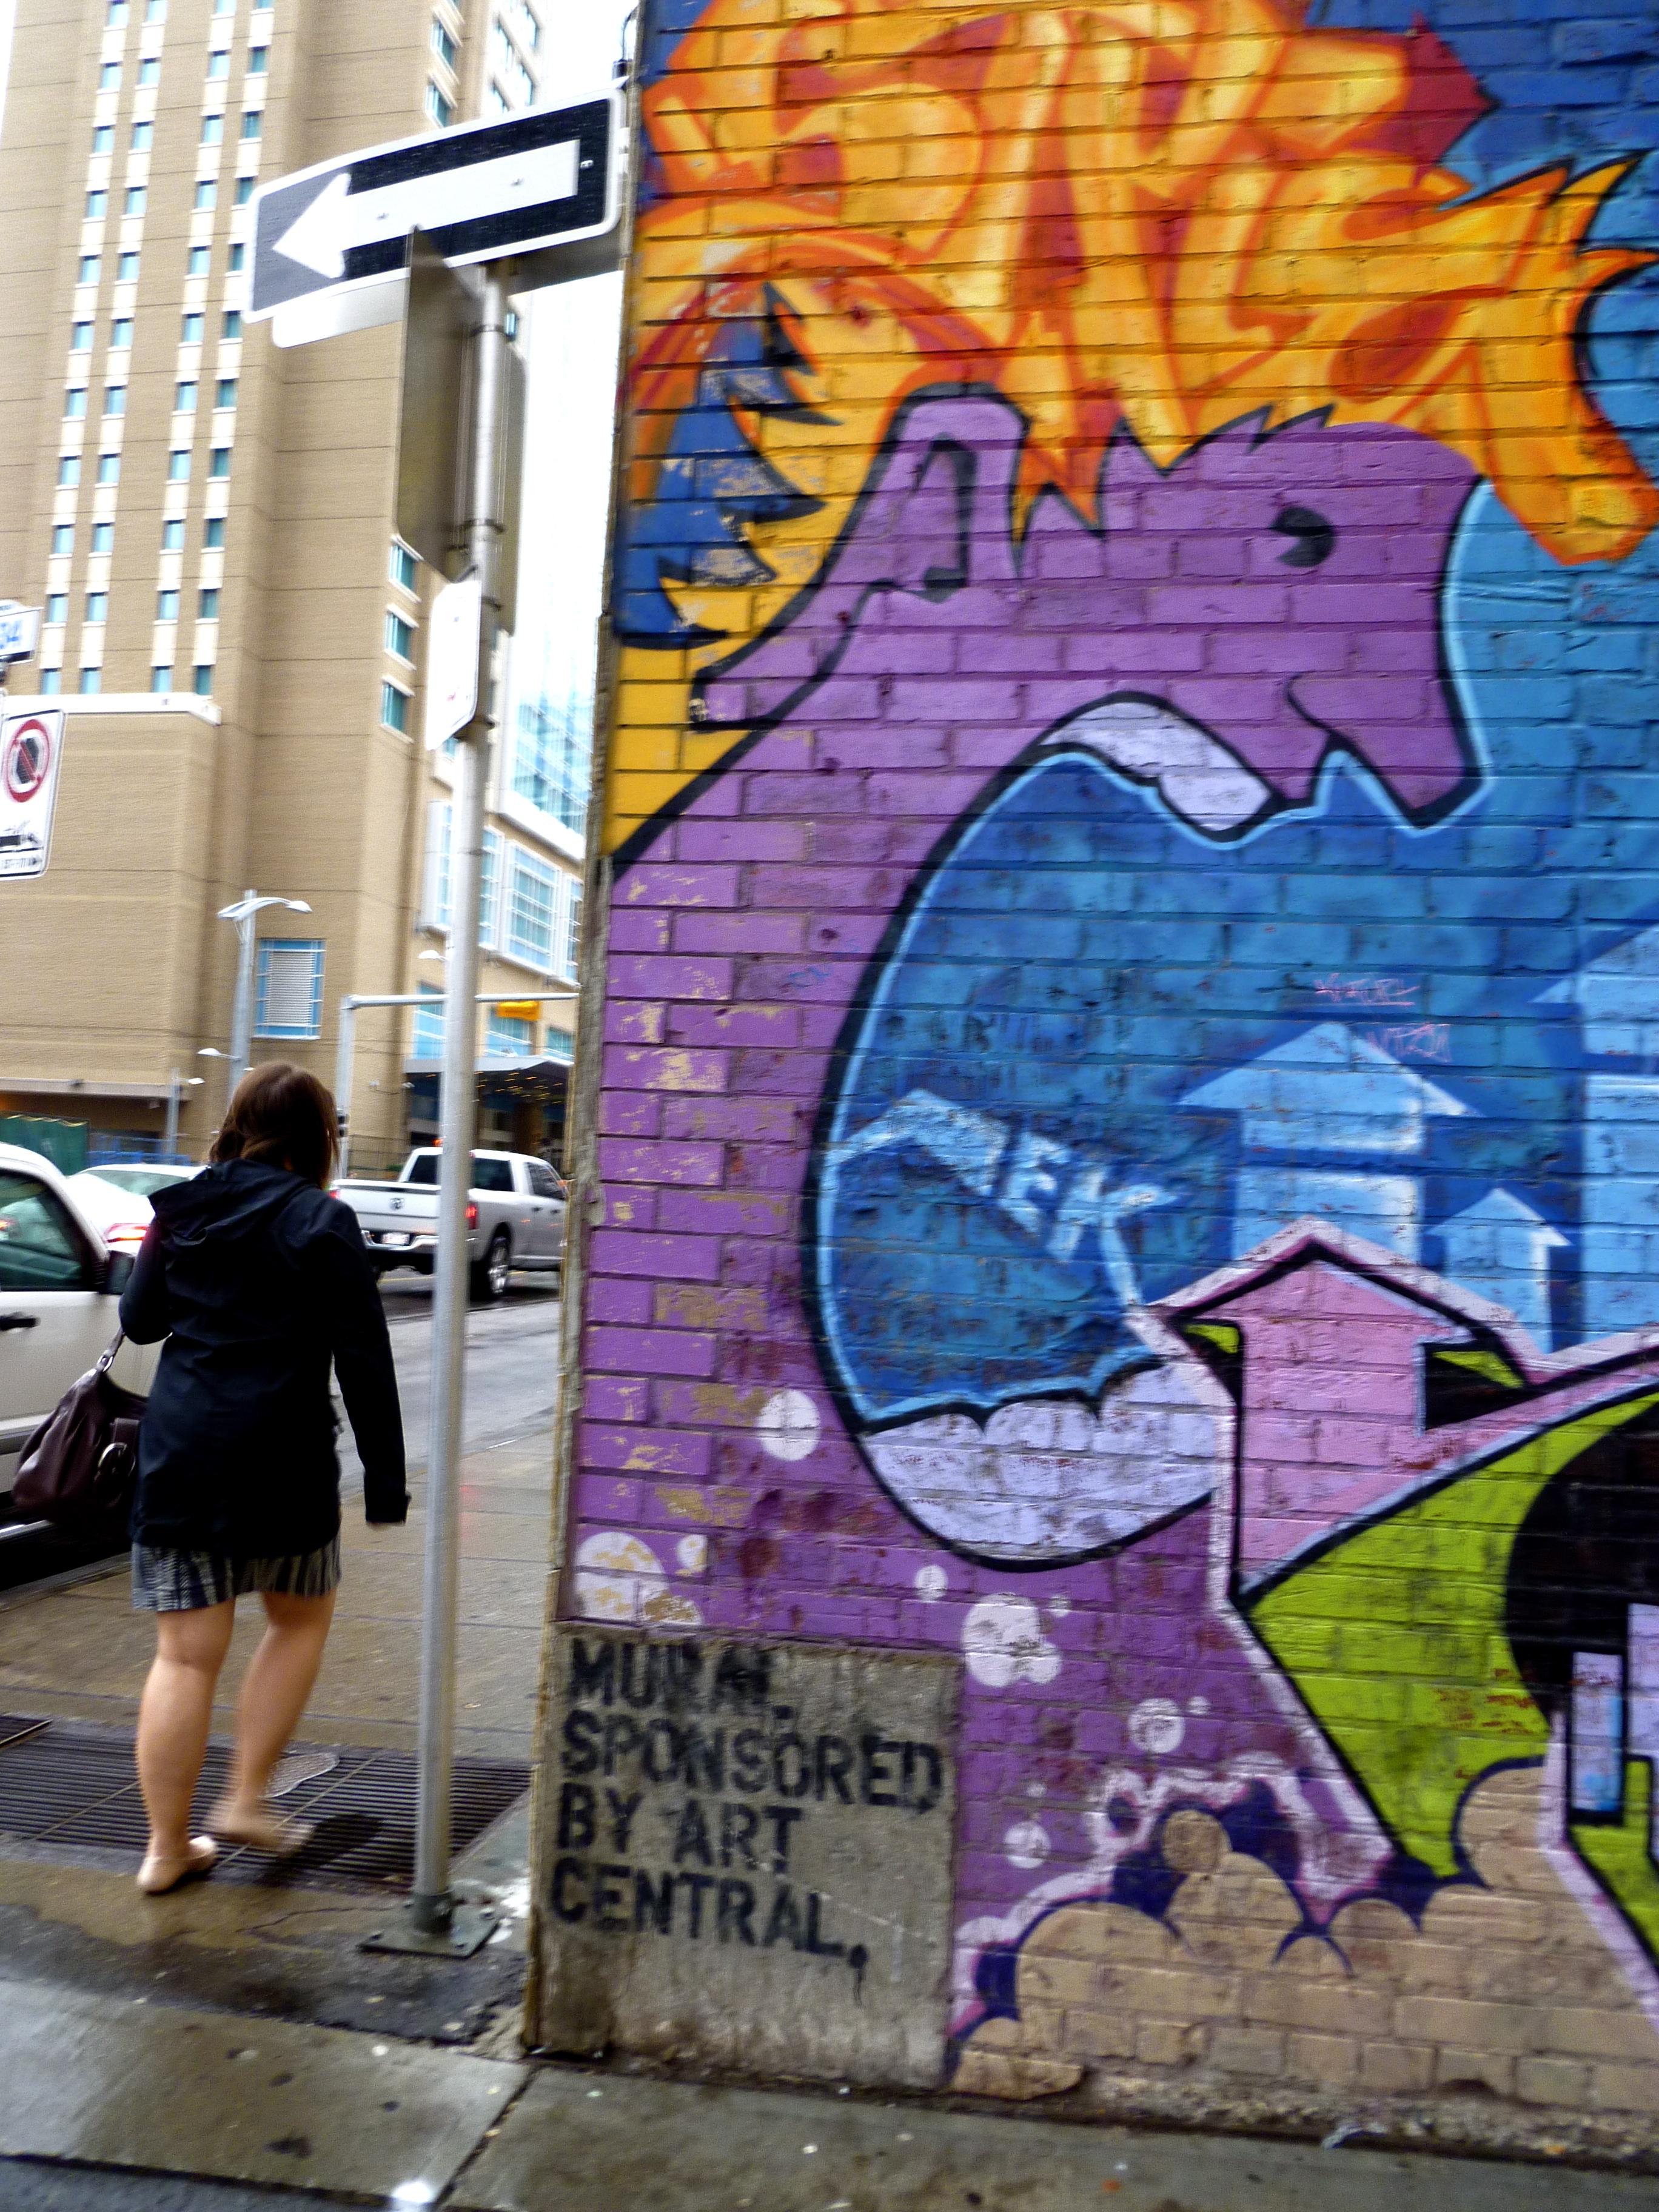 Graffiti wall calgary - For